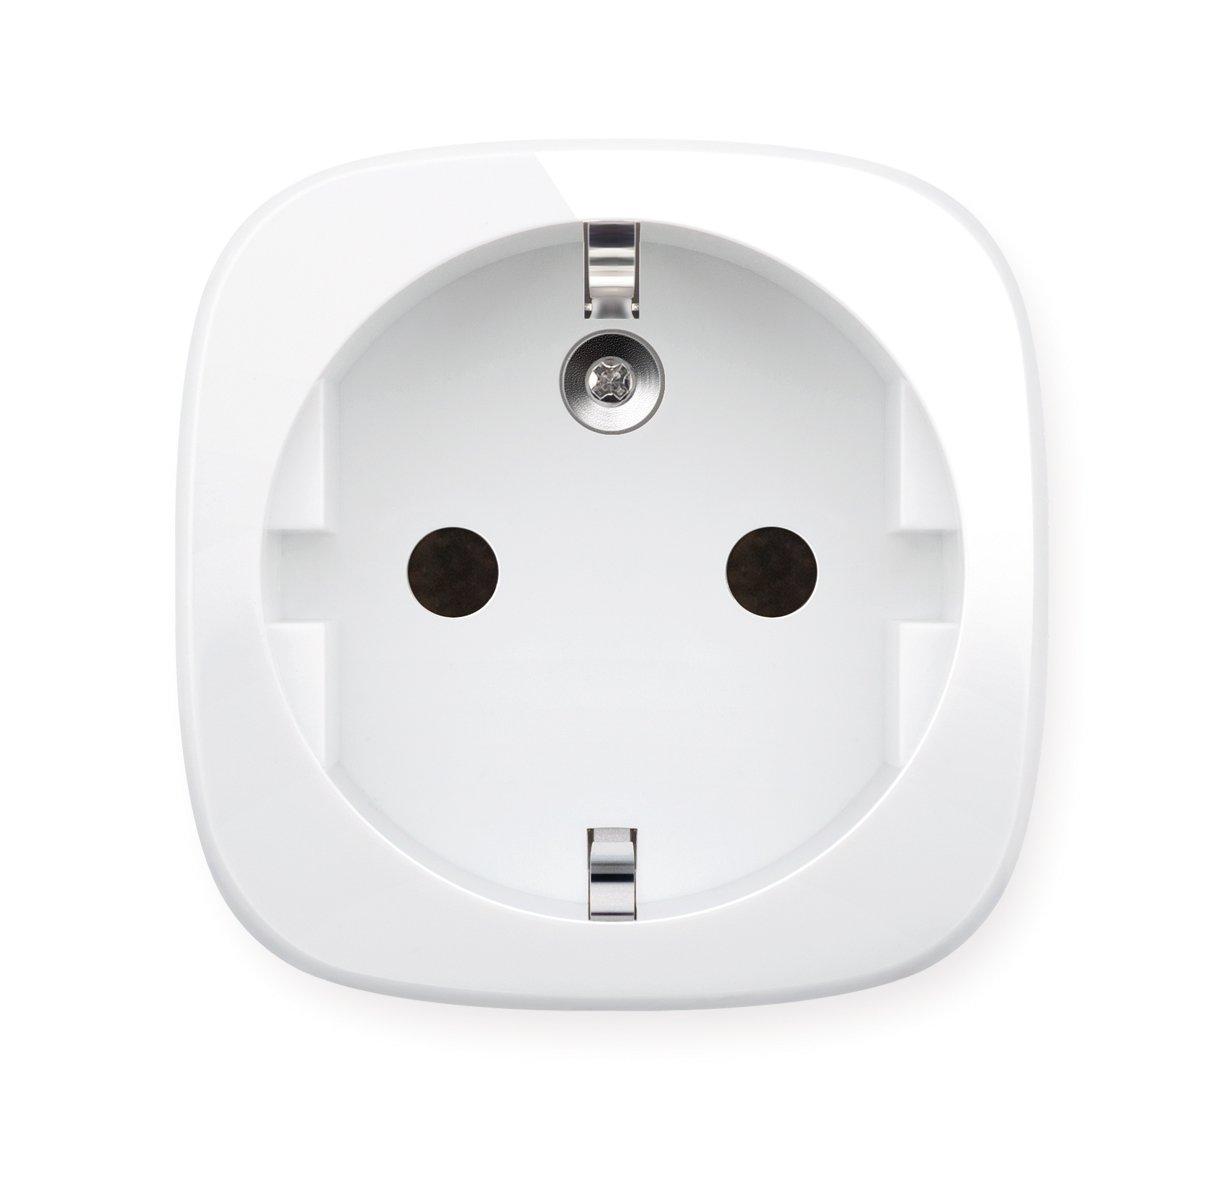 Elgato Eve Energy – Capteur de consommation, interrupteur sans fil avec technologie Homekit d'Apple